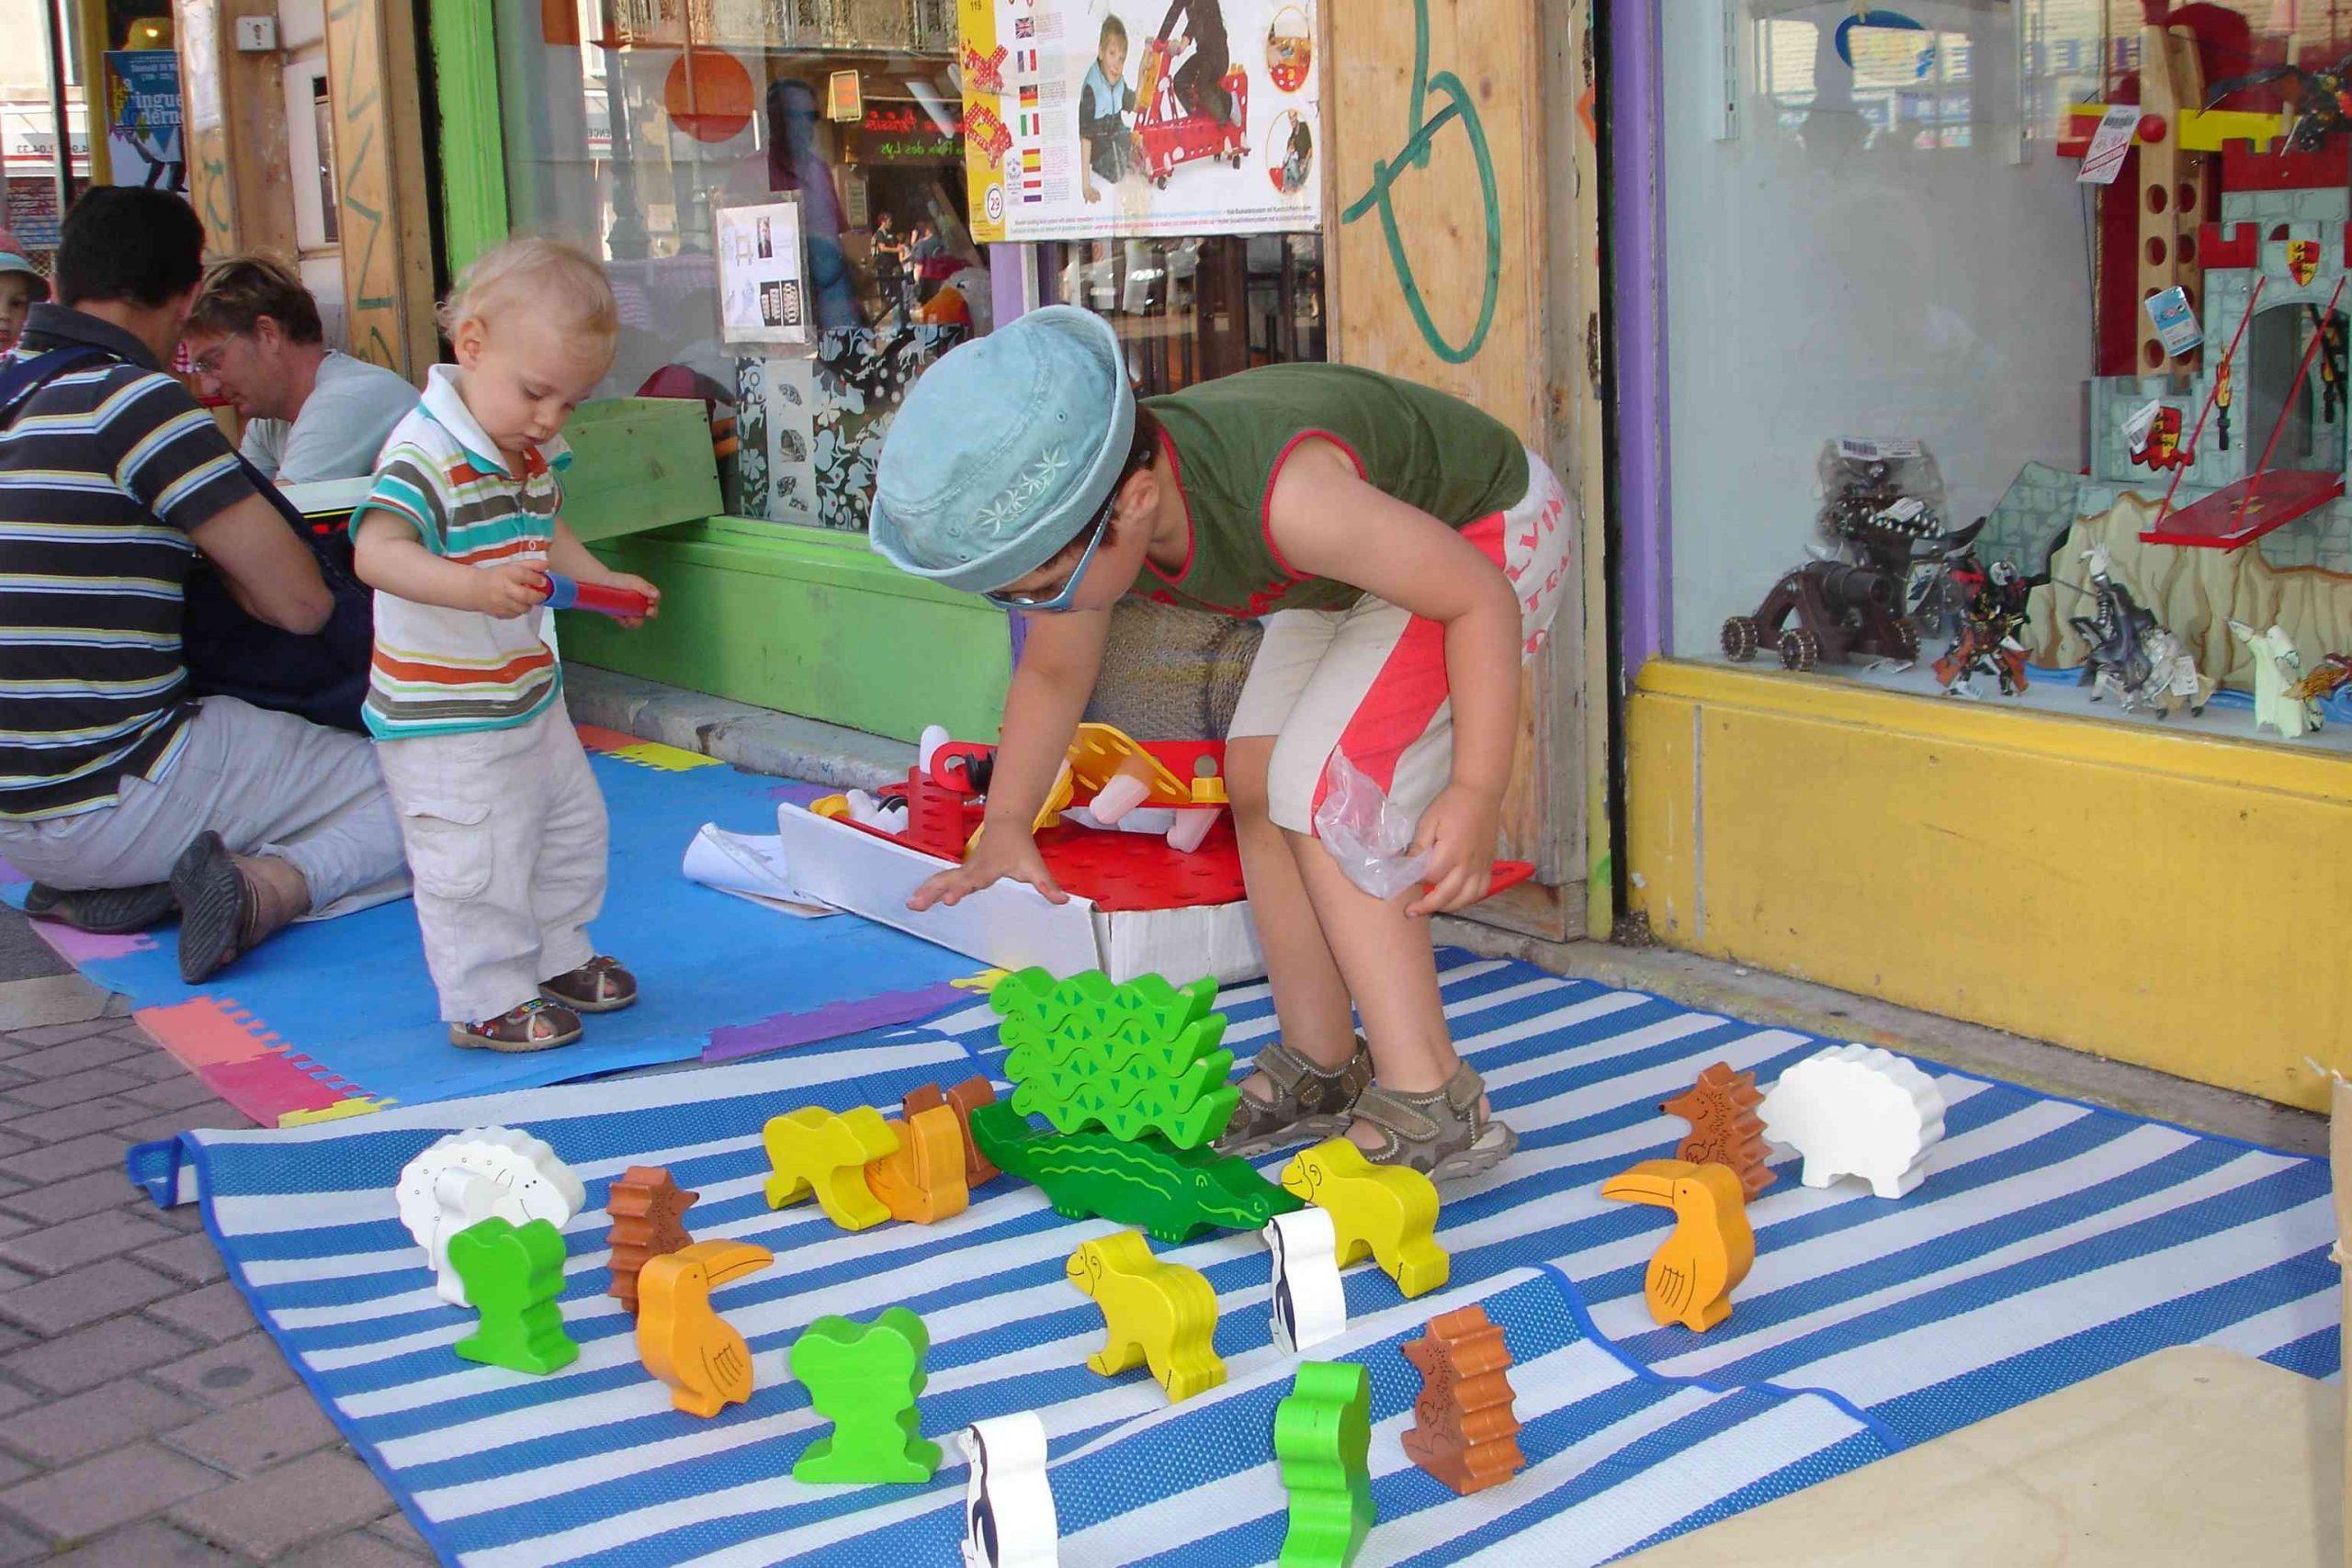 Activités Et Jeux Pour Enfants: Le Programme | La Guinguette à Jeux Pour Enfant De 4 Ans